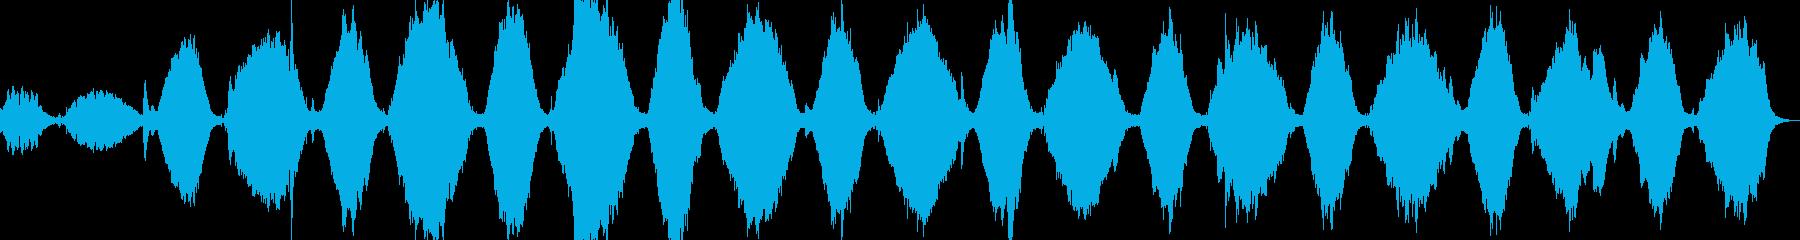 自己内省瞑想音楽1の再生済みの波形